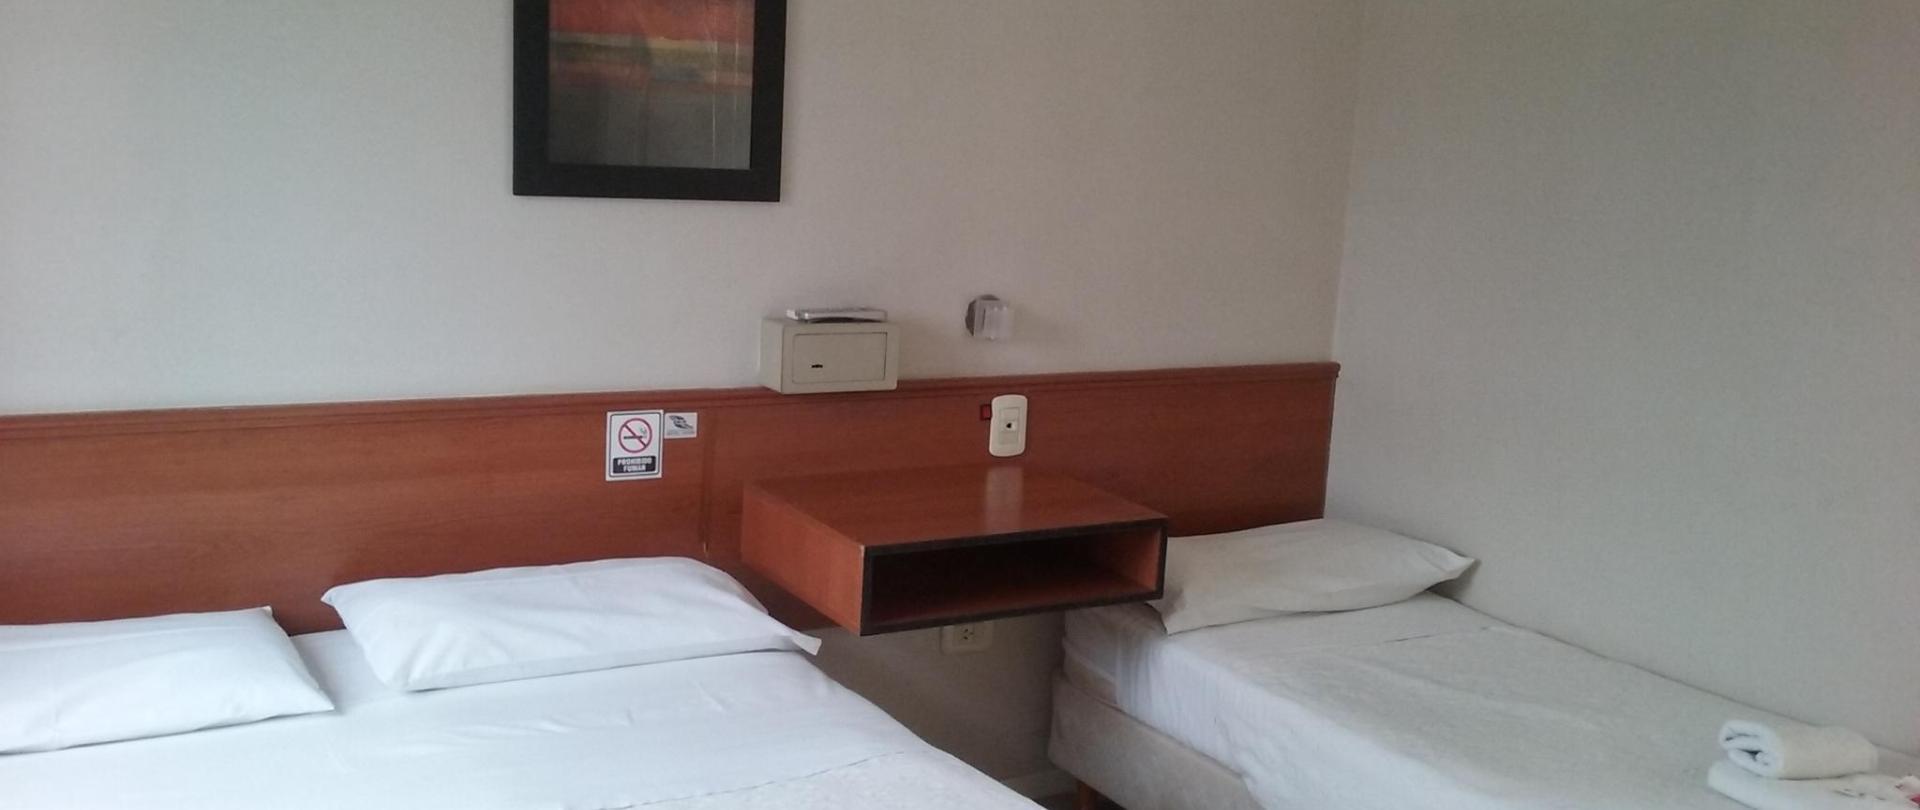 TPL Mat Hotel Queguay.jpg